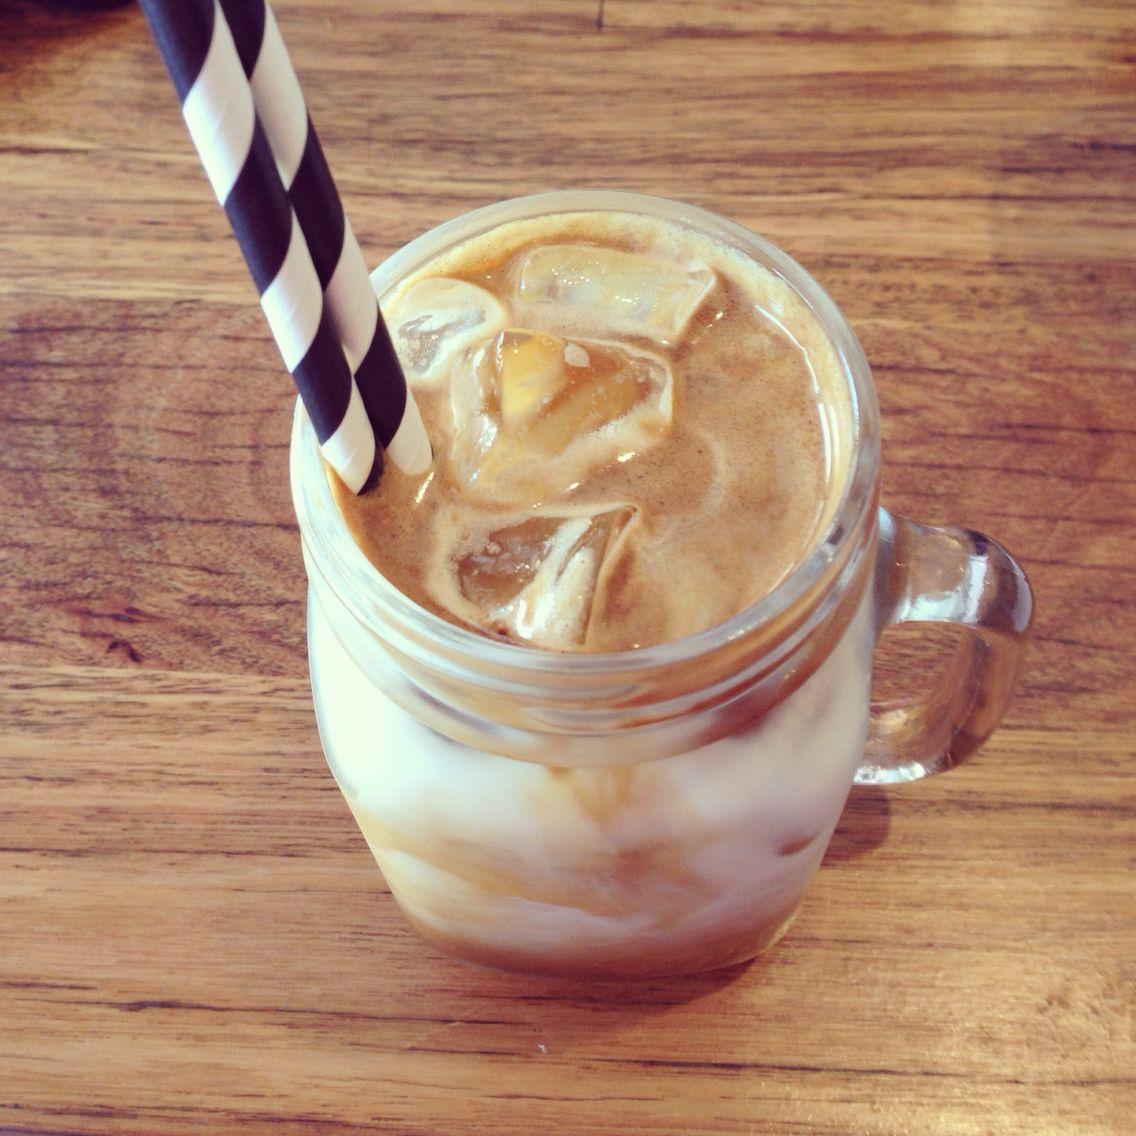 Almond milk iced coffee iced coffee almond milk peanut